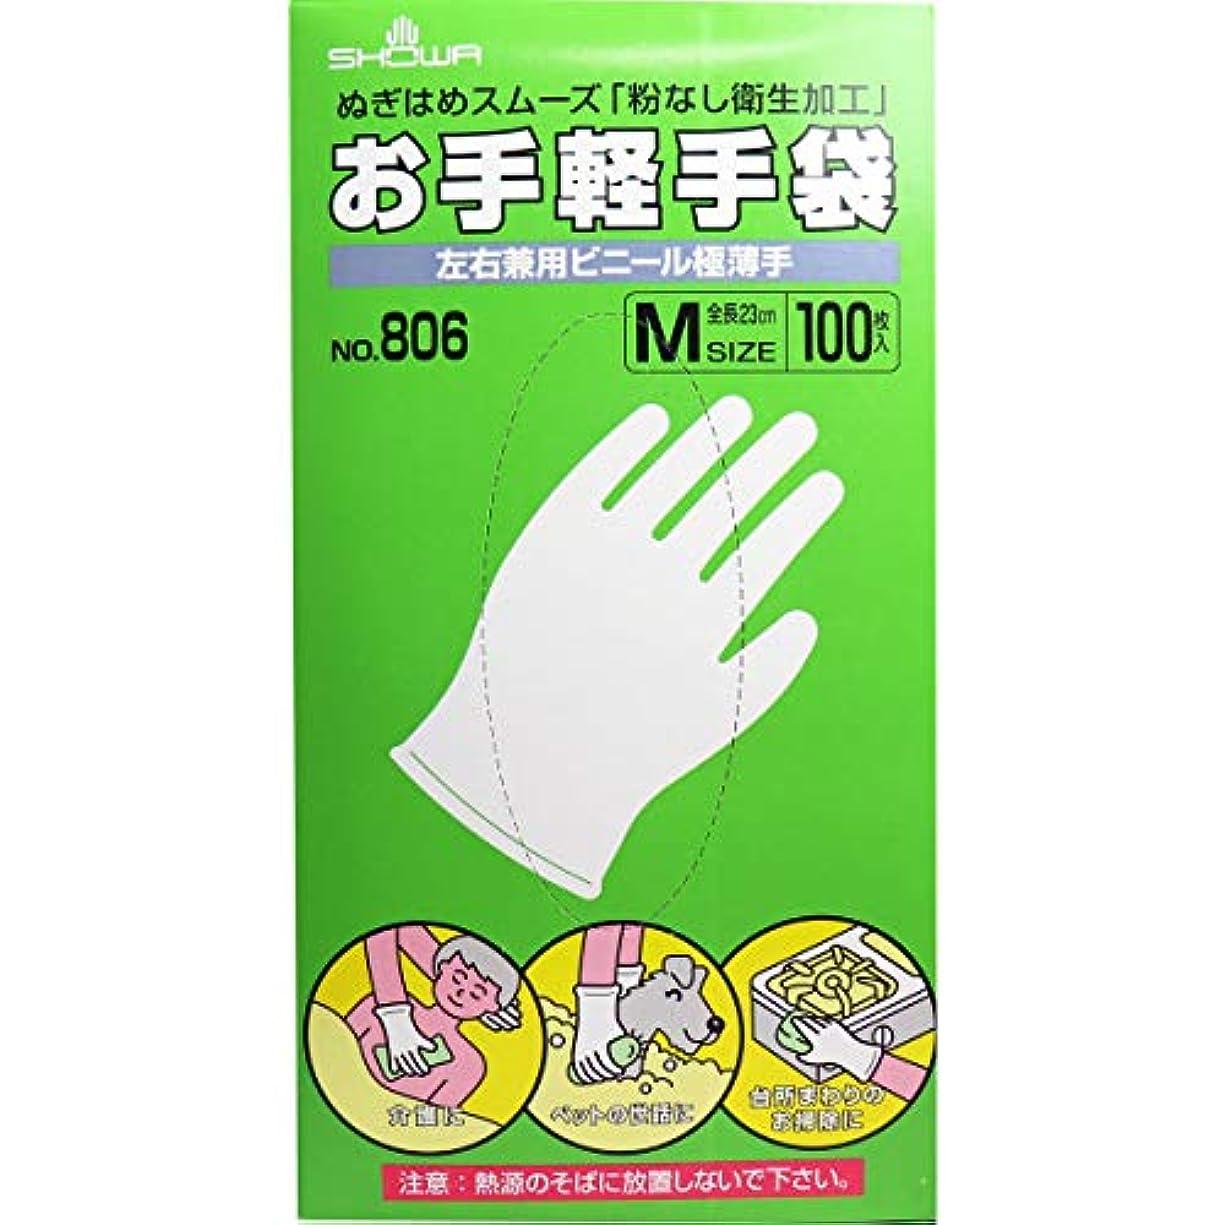 固めるクライマックスきらめきお手軽手袋 No.806 左右兼用ビニール極薄手 粉なし Mサイズ 100枚入×5個セット(管理番号 4901792033596)